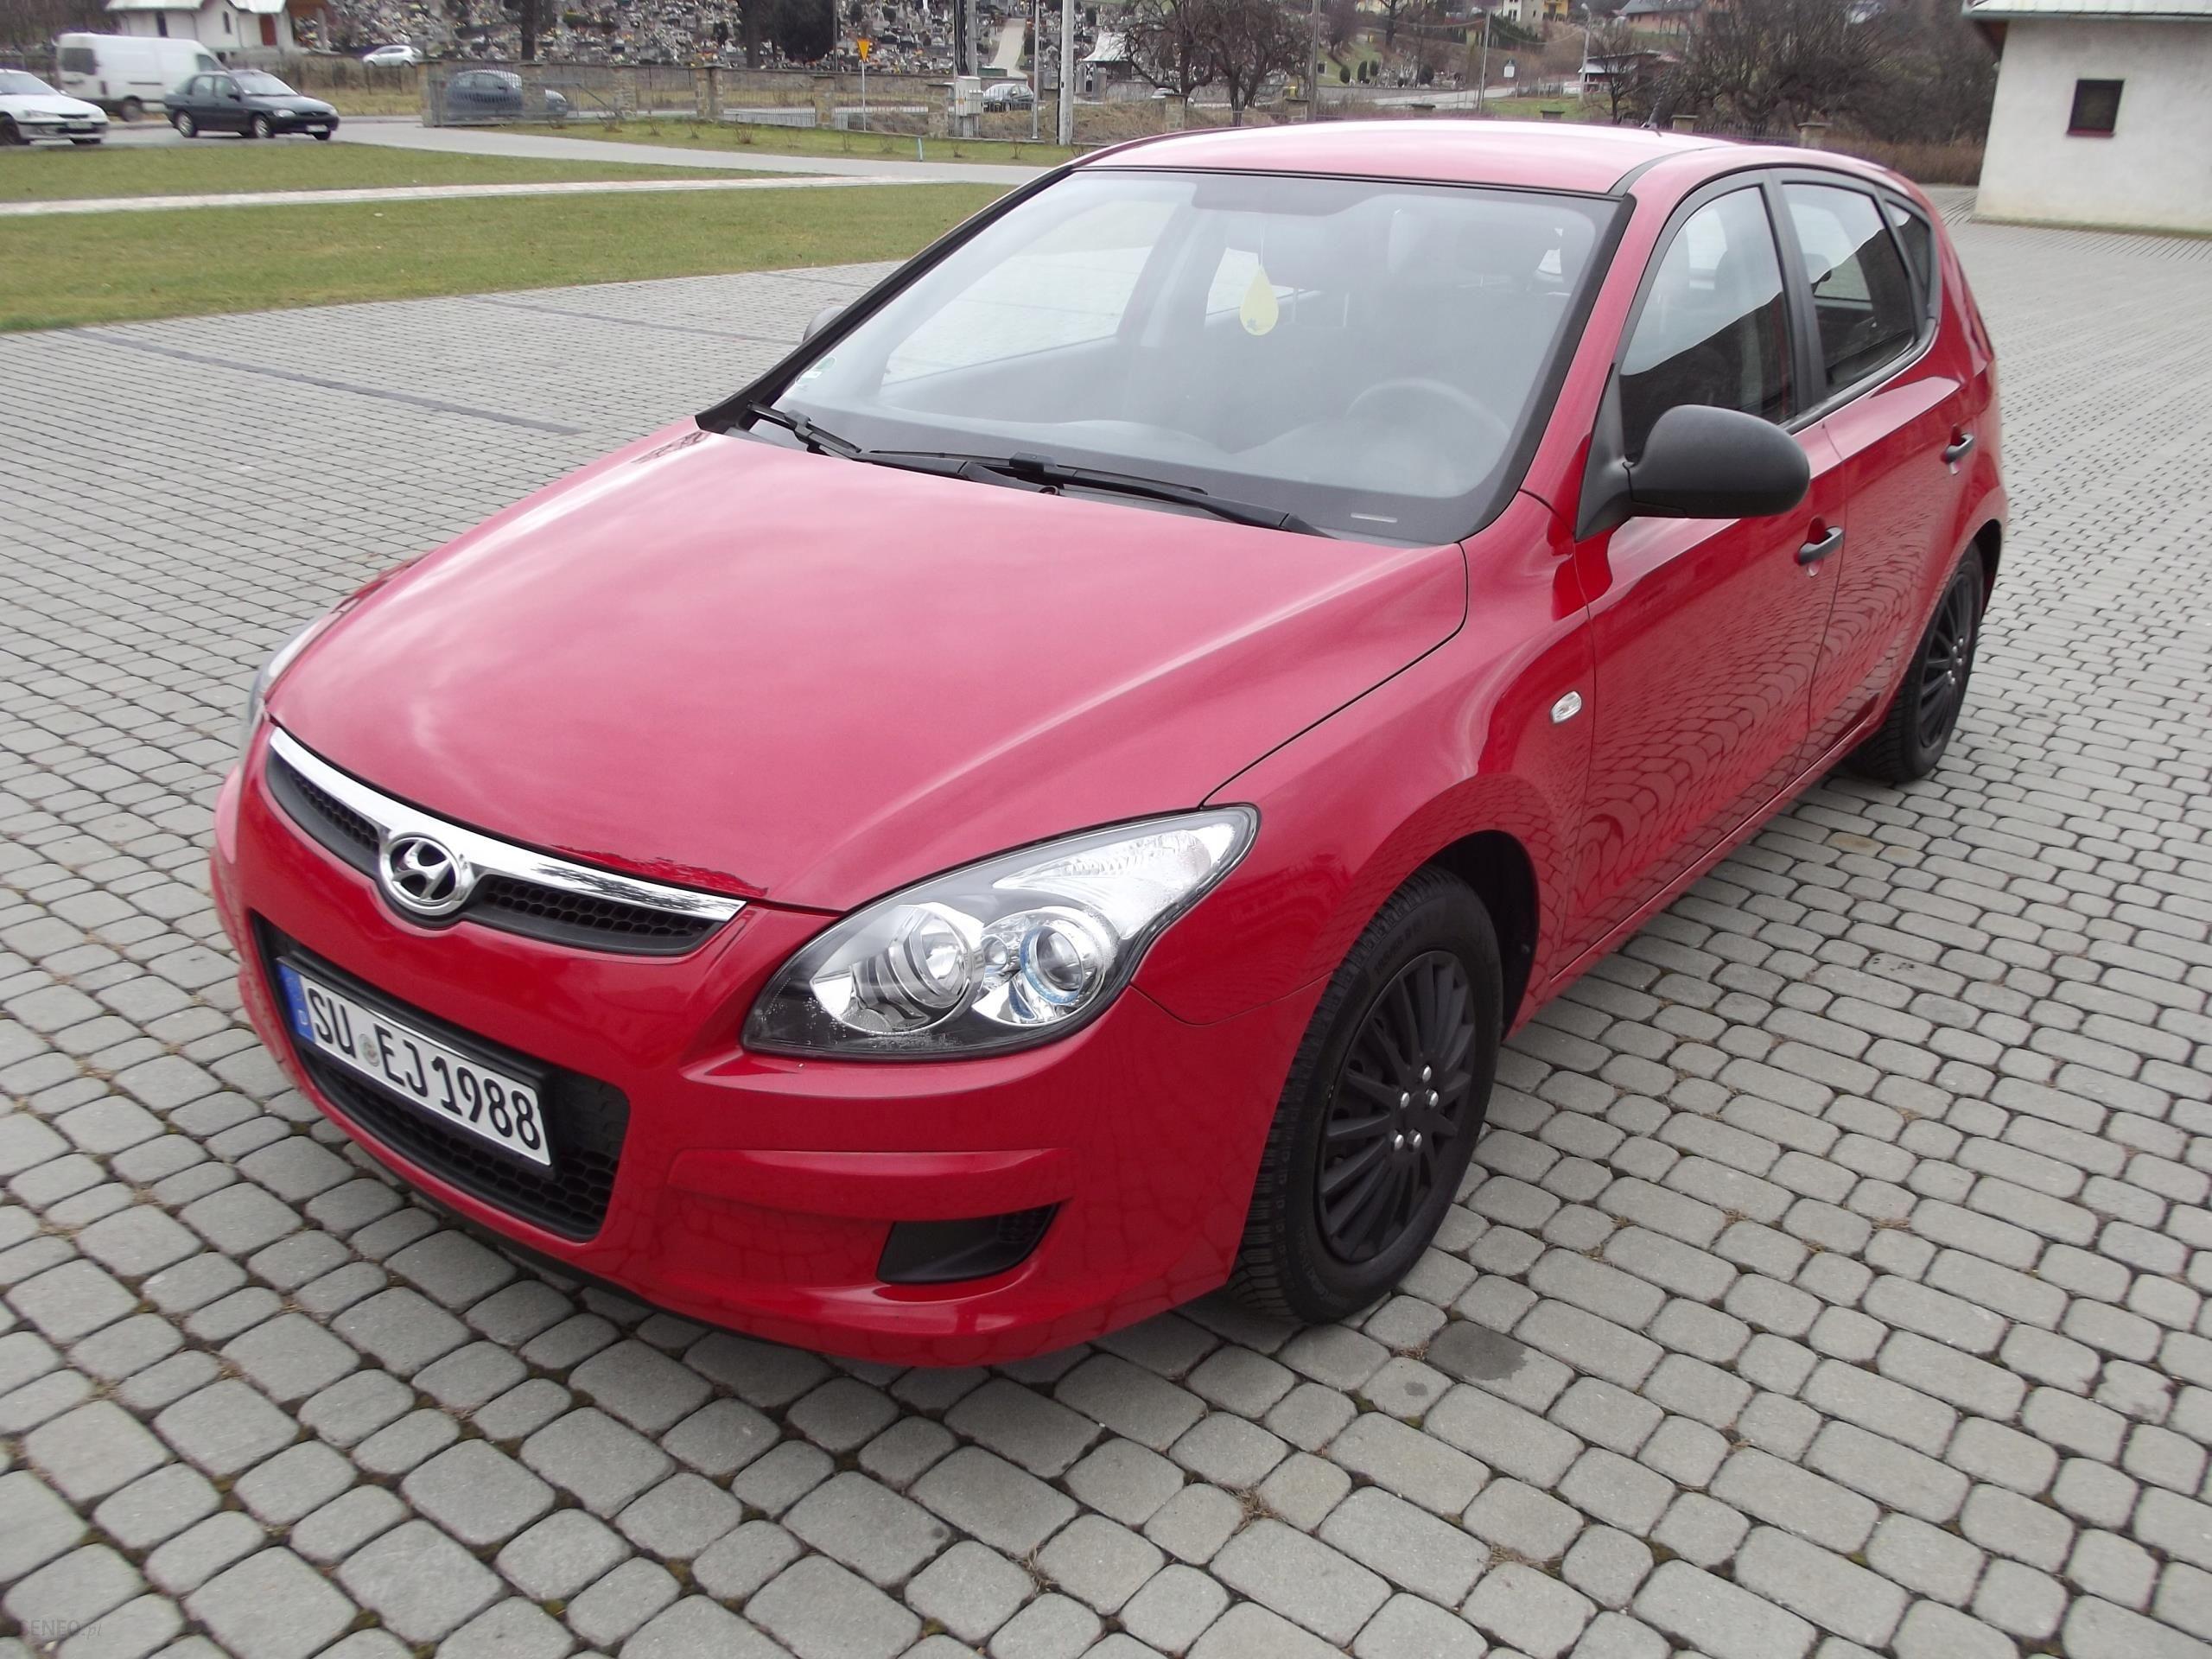 66ceb2c7835ba5 Hyundai i30 1.4B,GAZ,klima,hak,wersja Edition Plus - Opinie i ceny ...